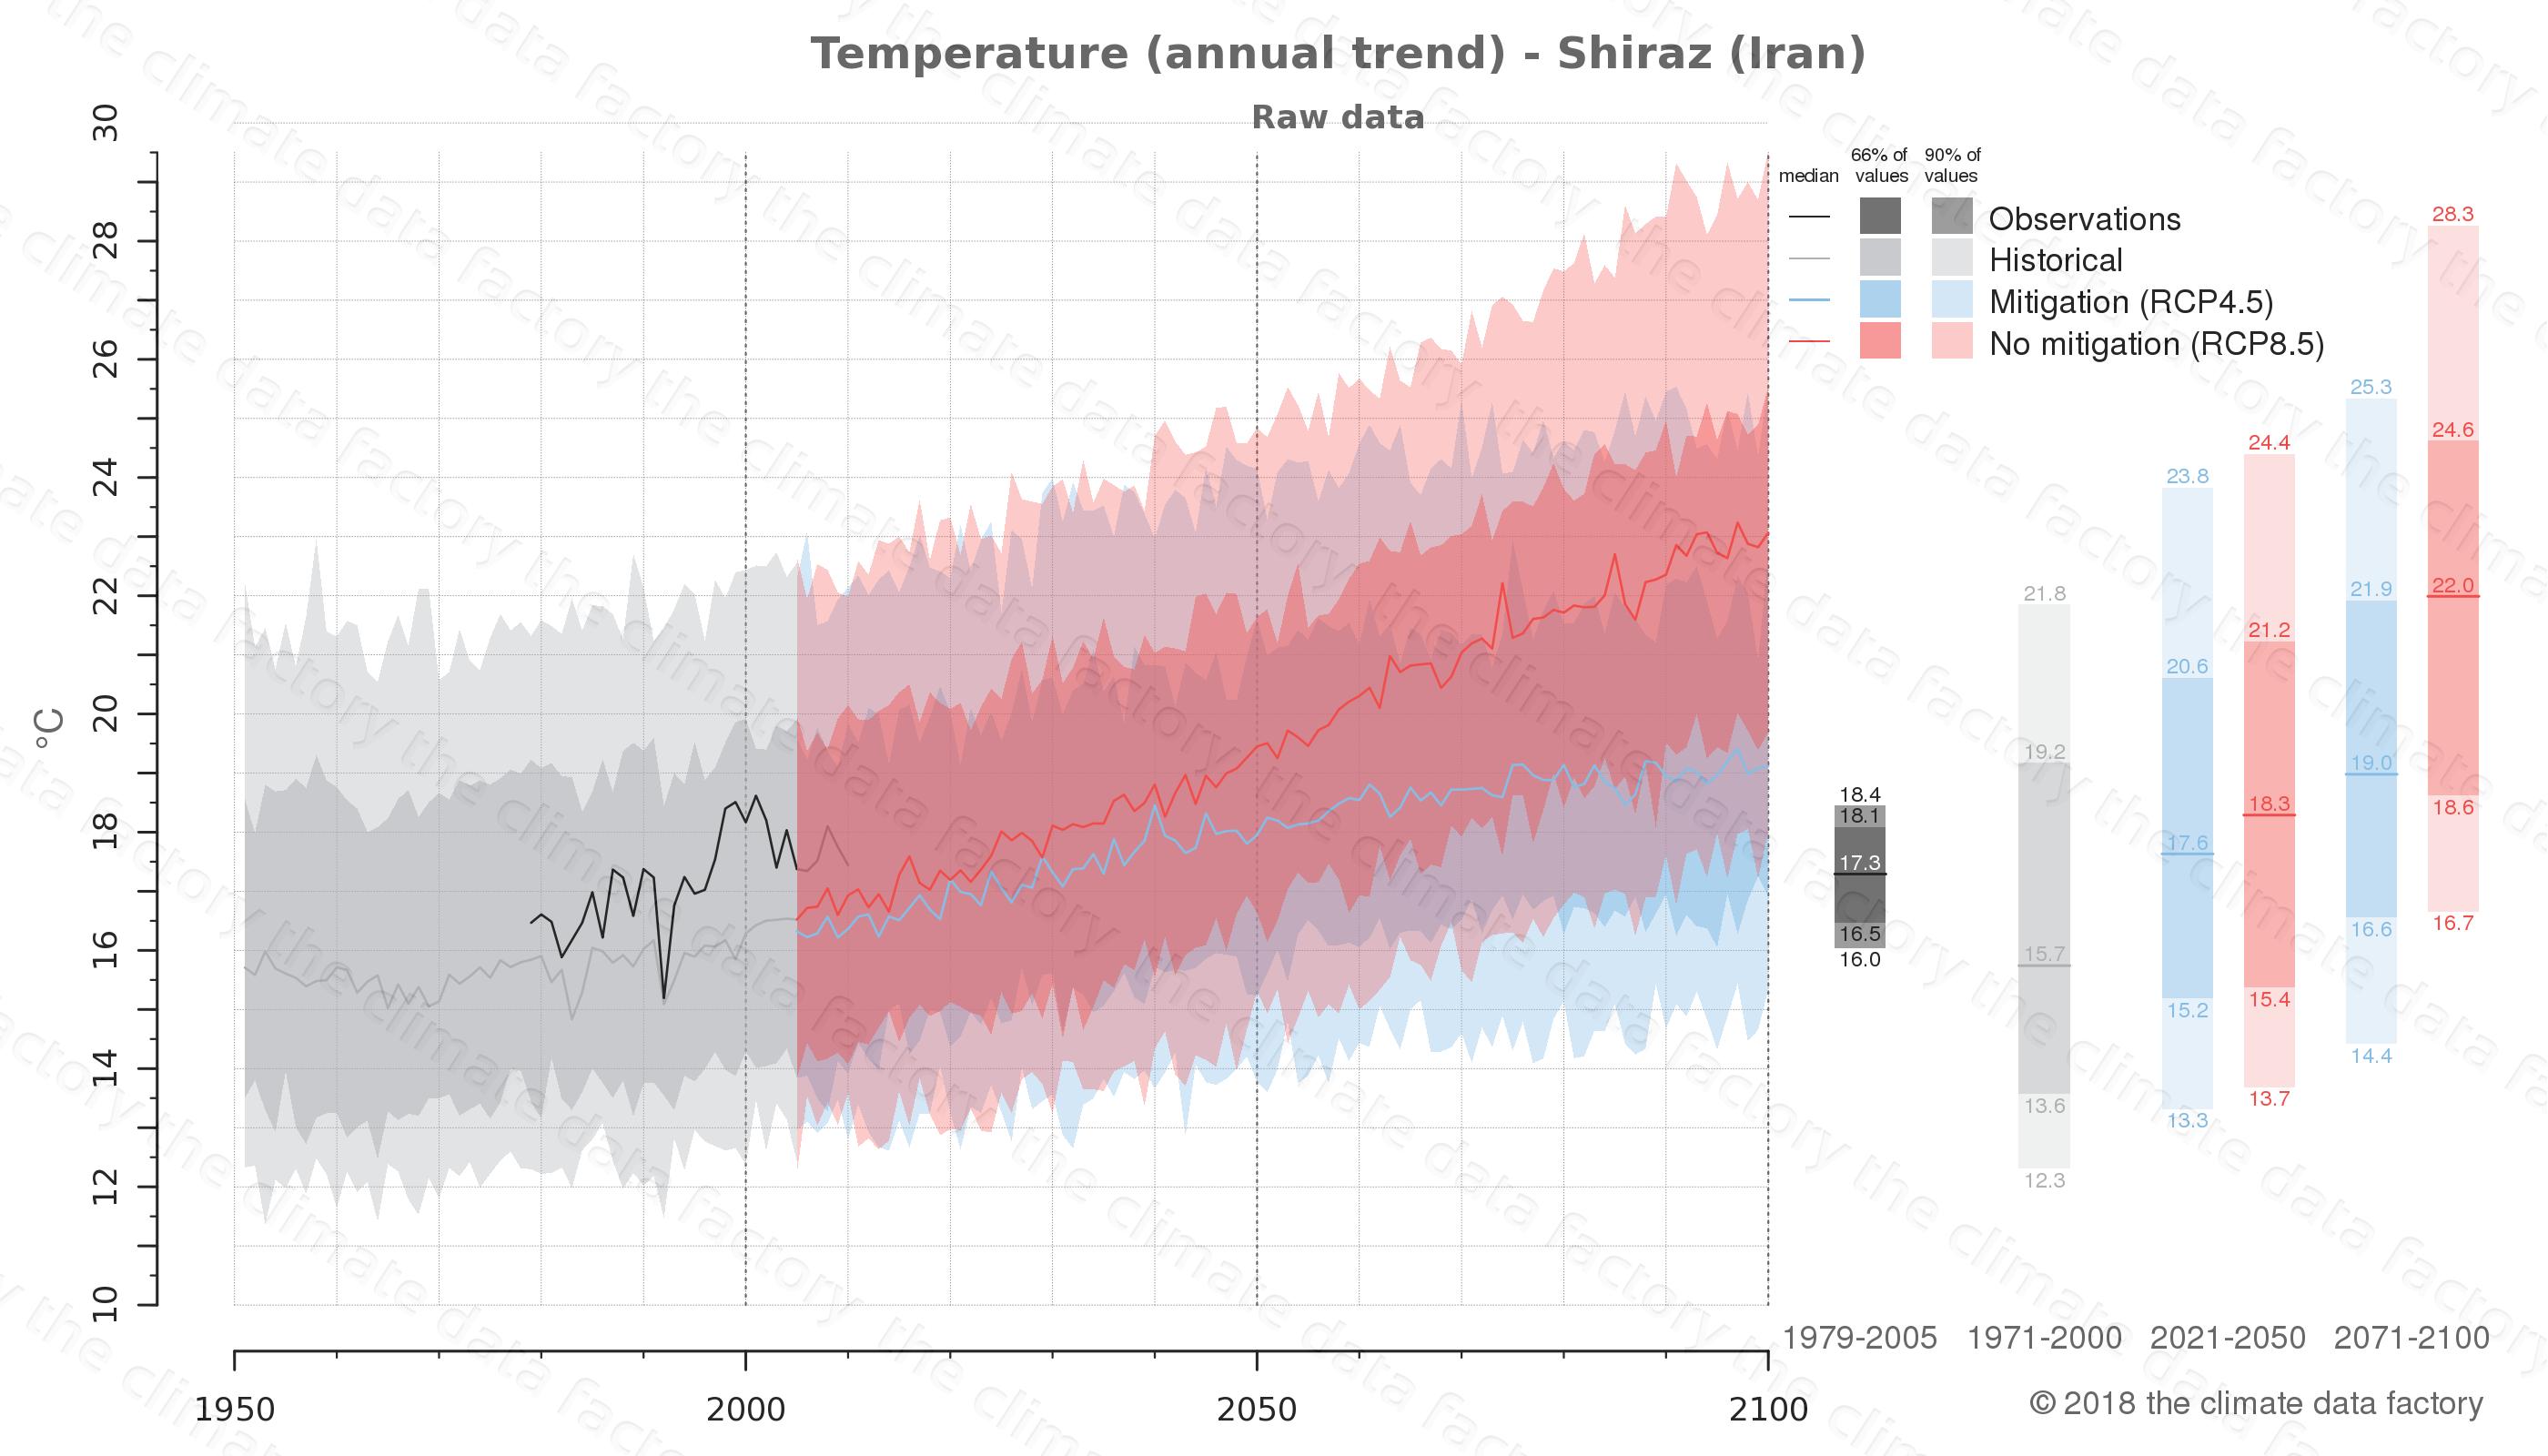 climate change data policy adaptation climate graph city data temperature shiraz iran